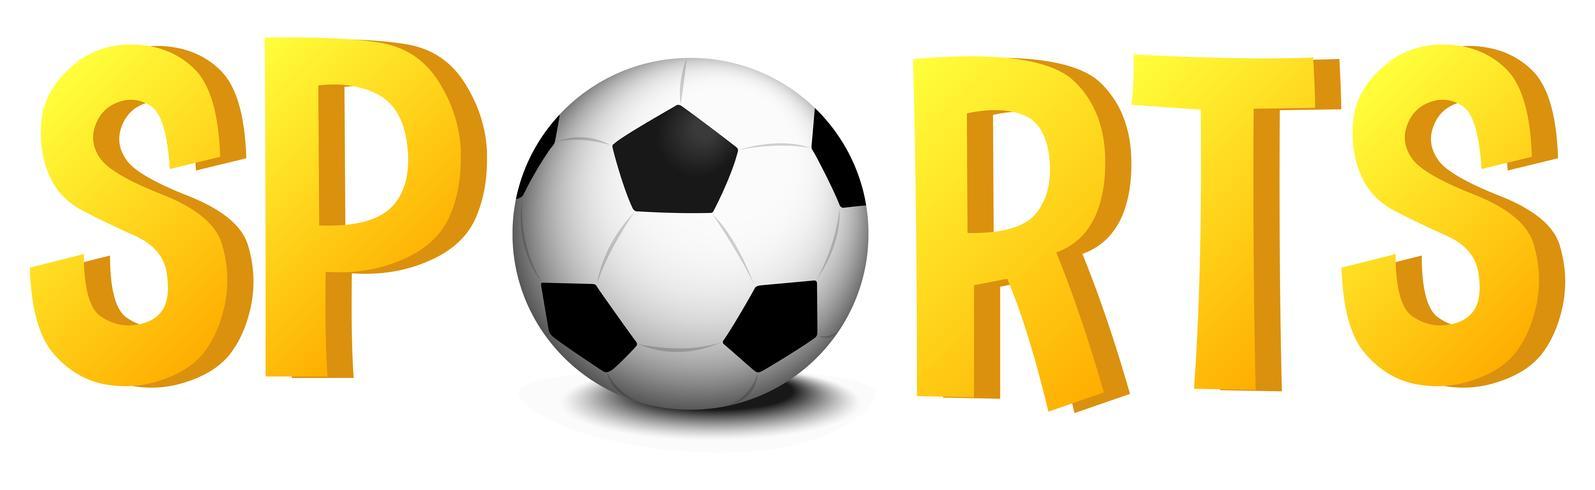 Schriftart mit Wortsport mit Fußball vektor